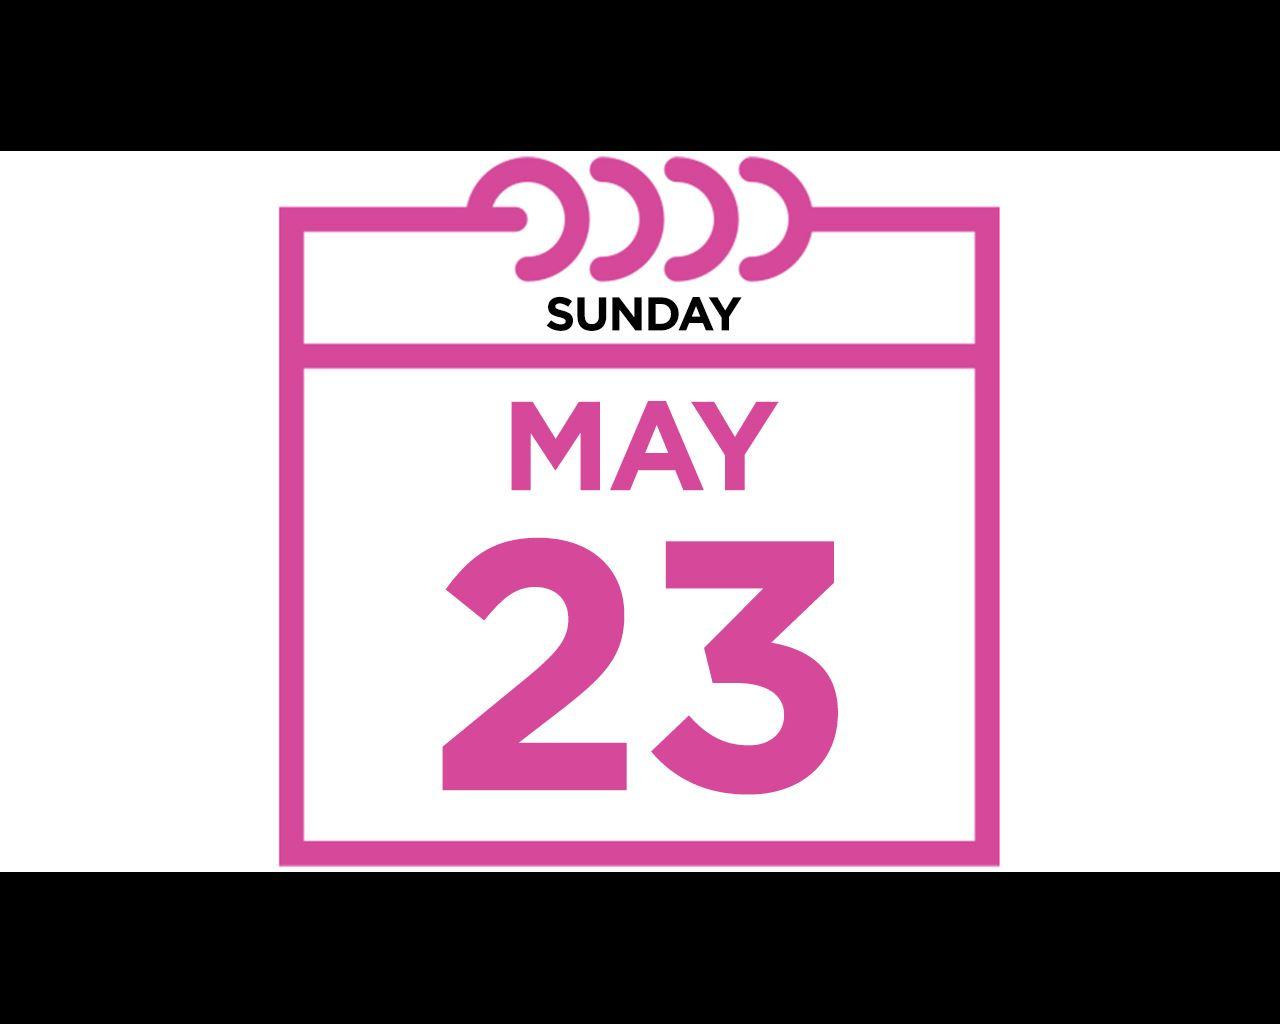 Sunday, May 23, 2021